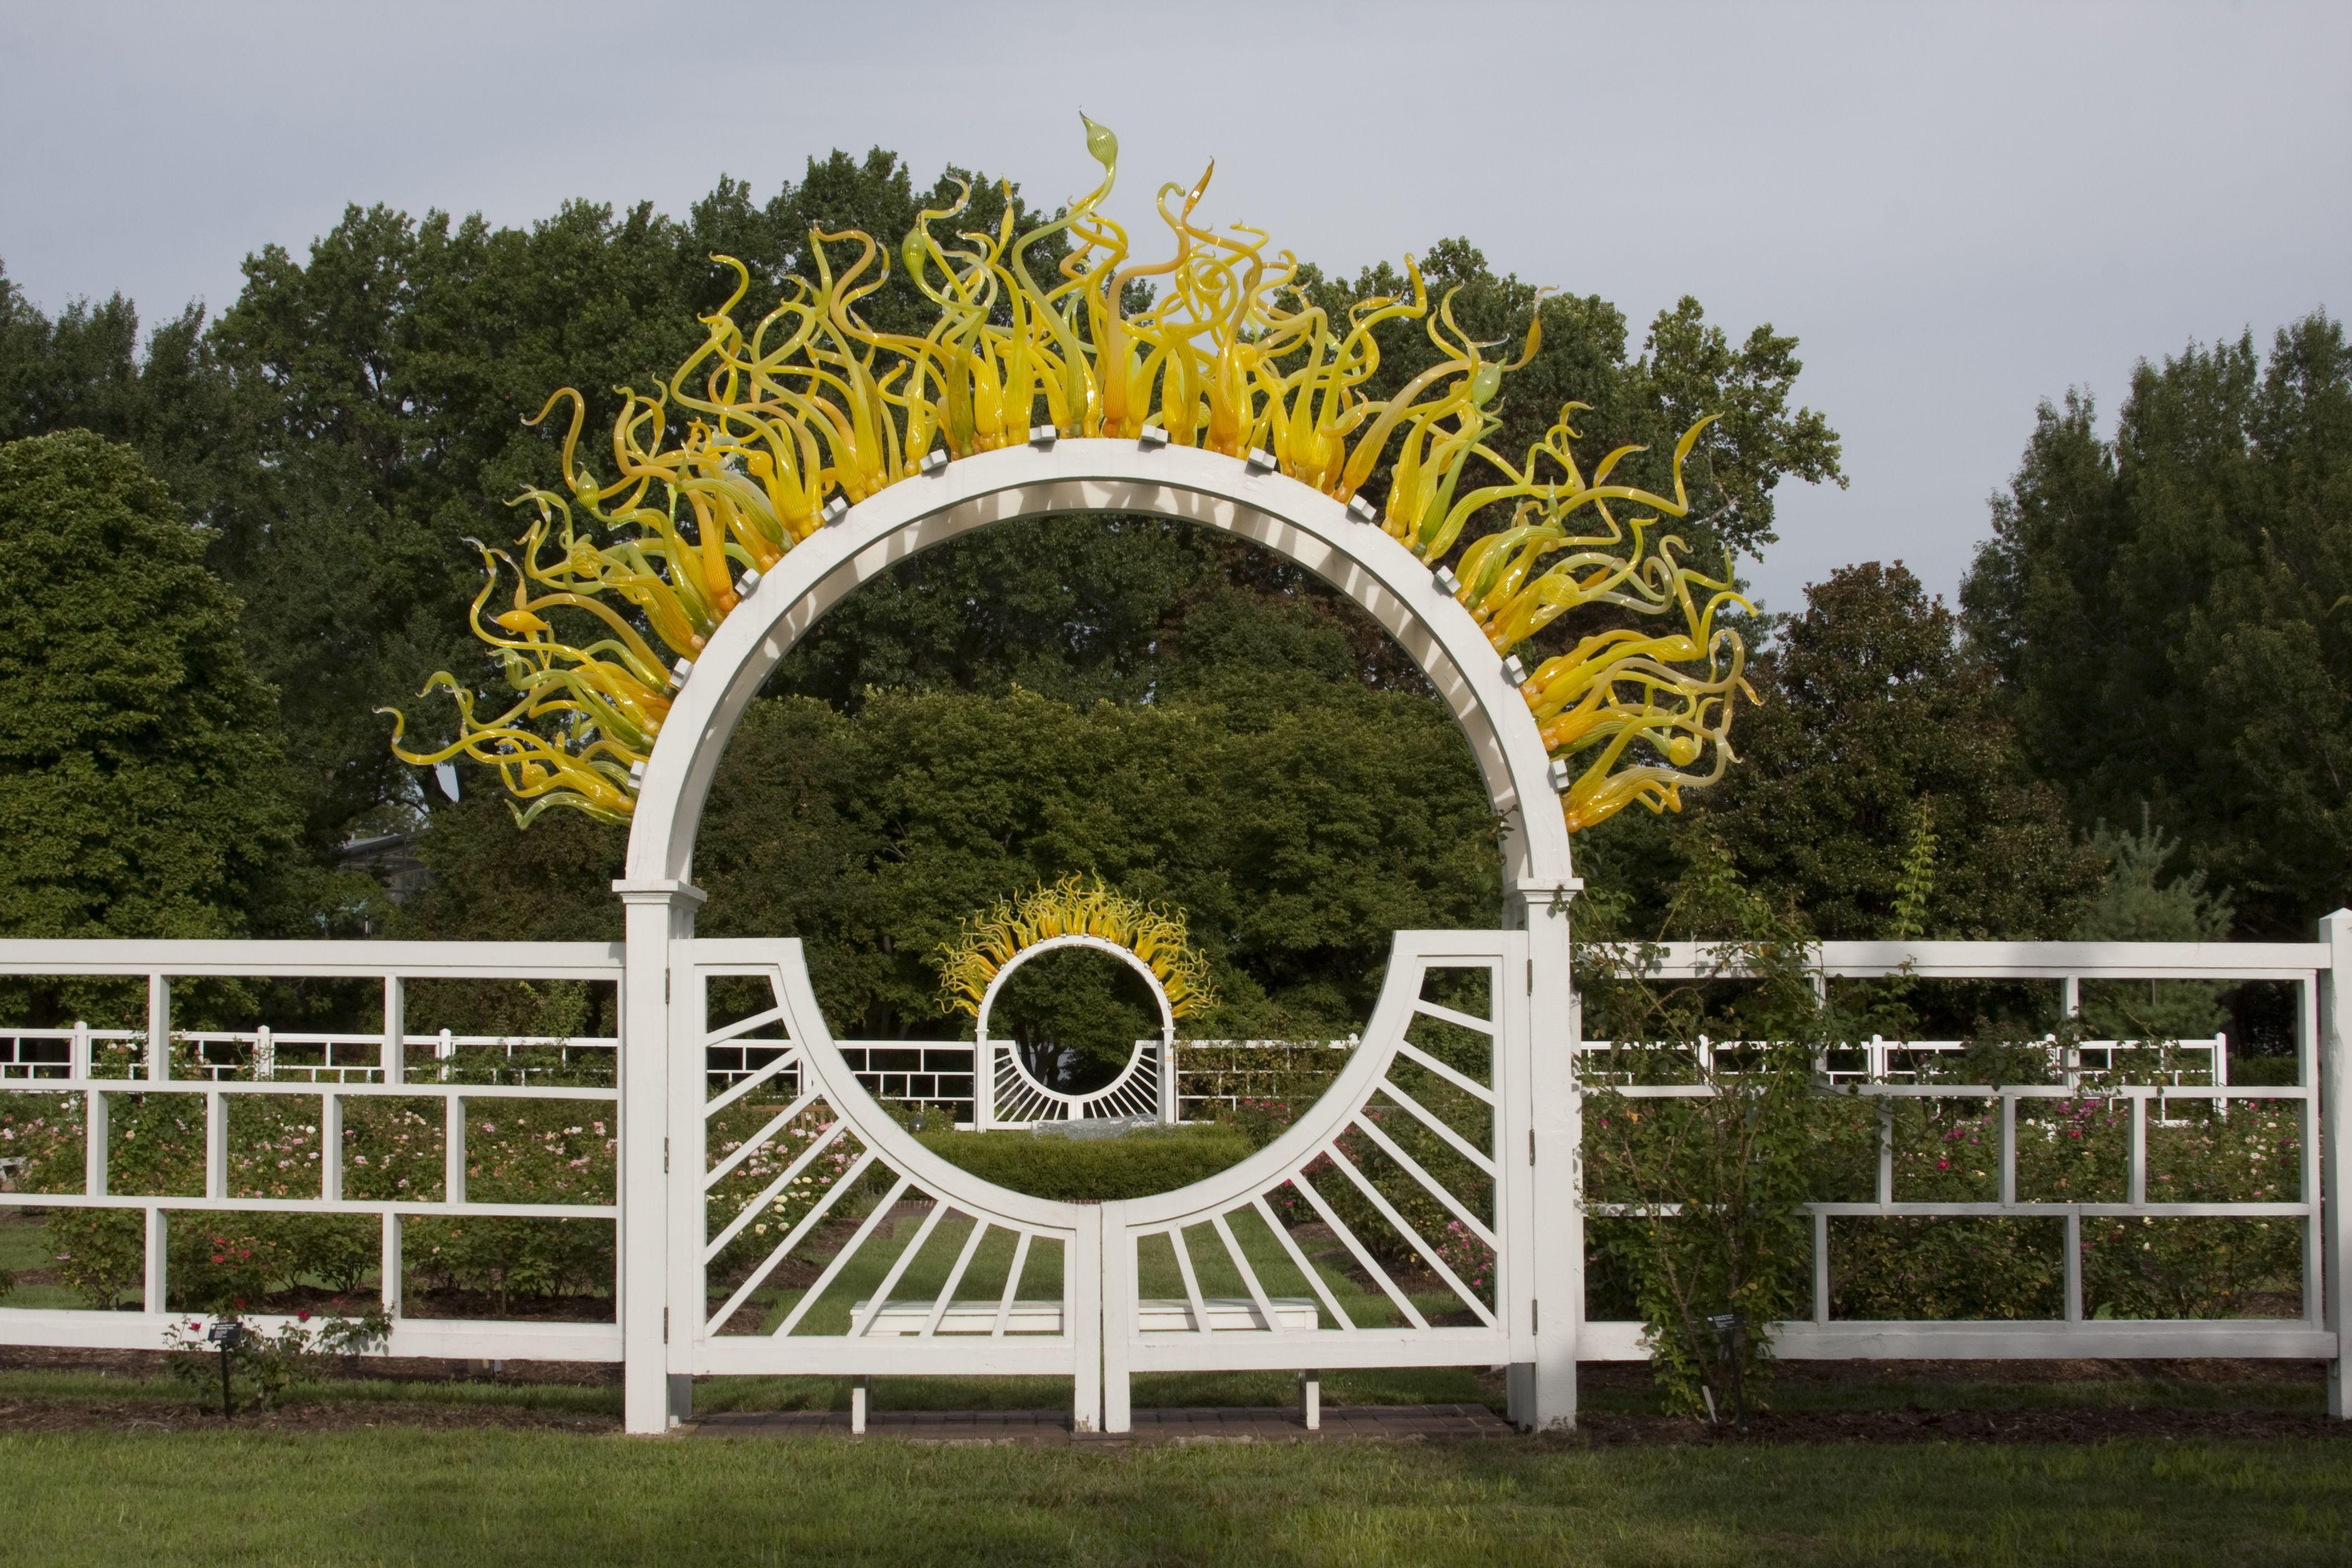 ffefffa21a72574d1e6d5057a35e05ae - Dale Chihuly St Louis Botanical Gardens